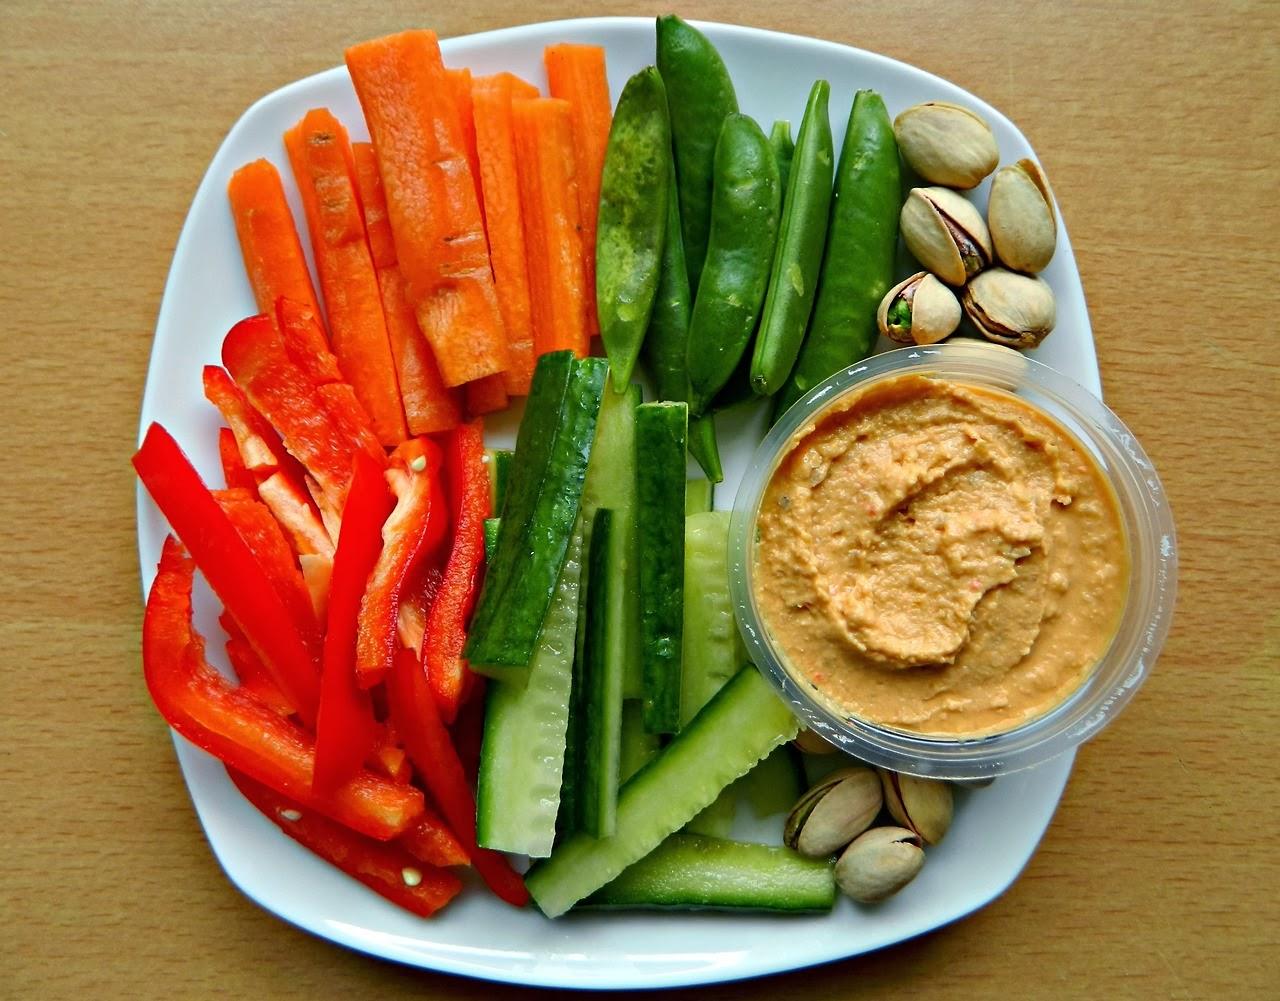 Comidas y dietas comida para bajar de peso rapido - Que hago de comer rapido y sencillo ...